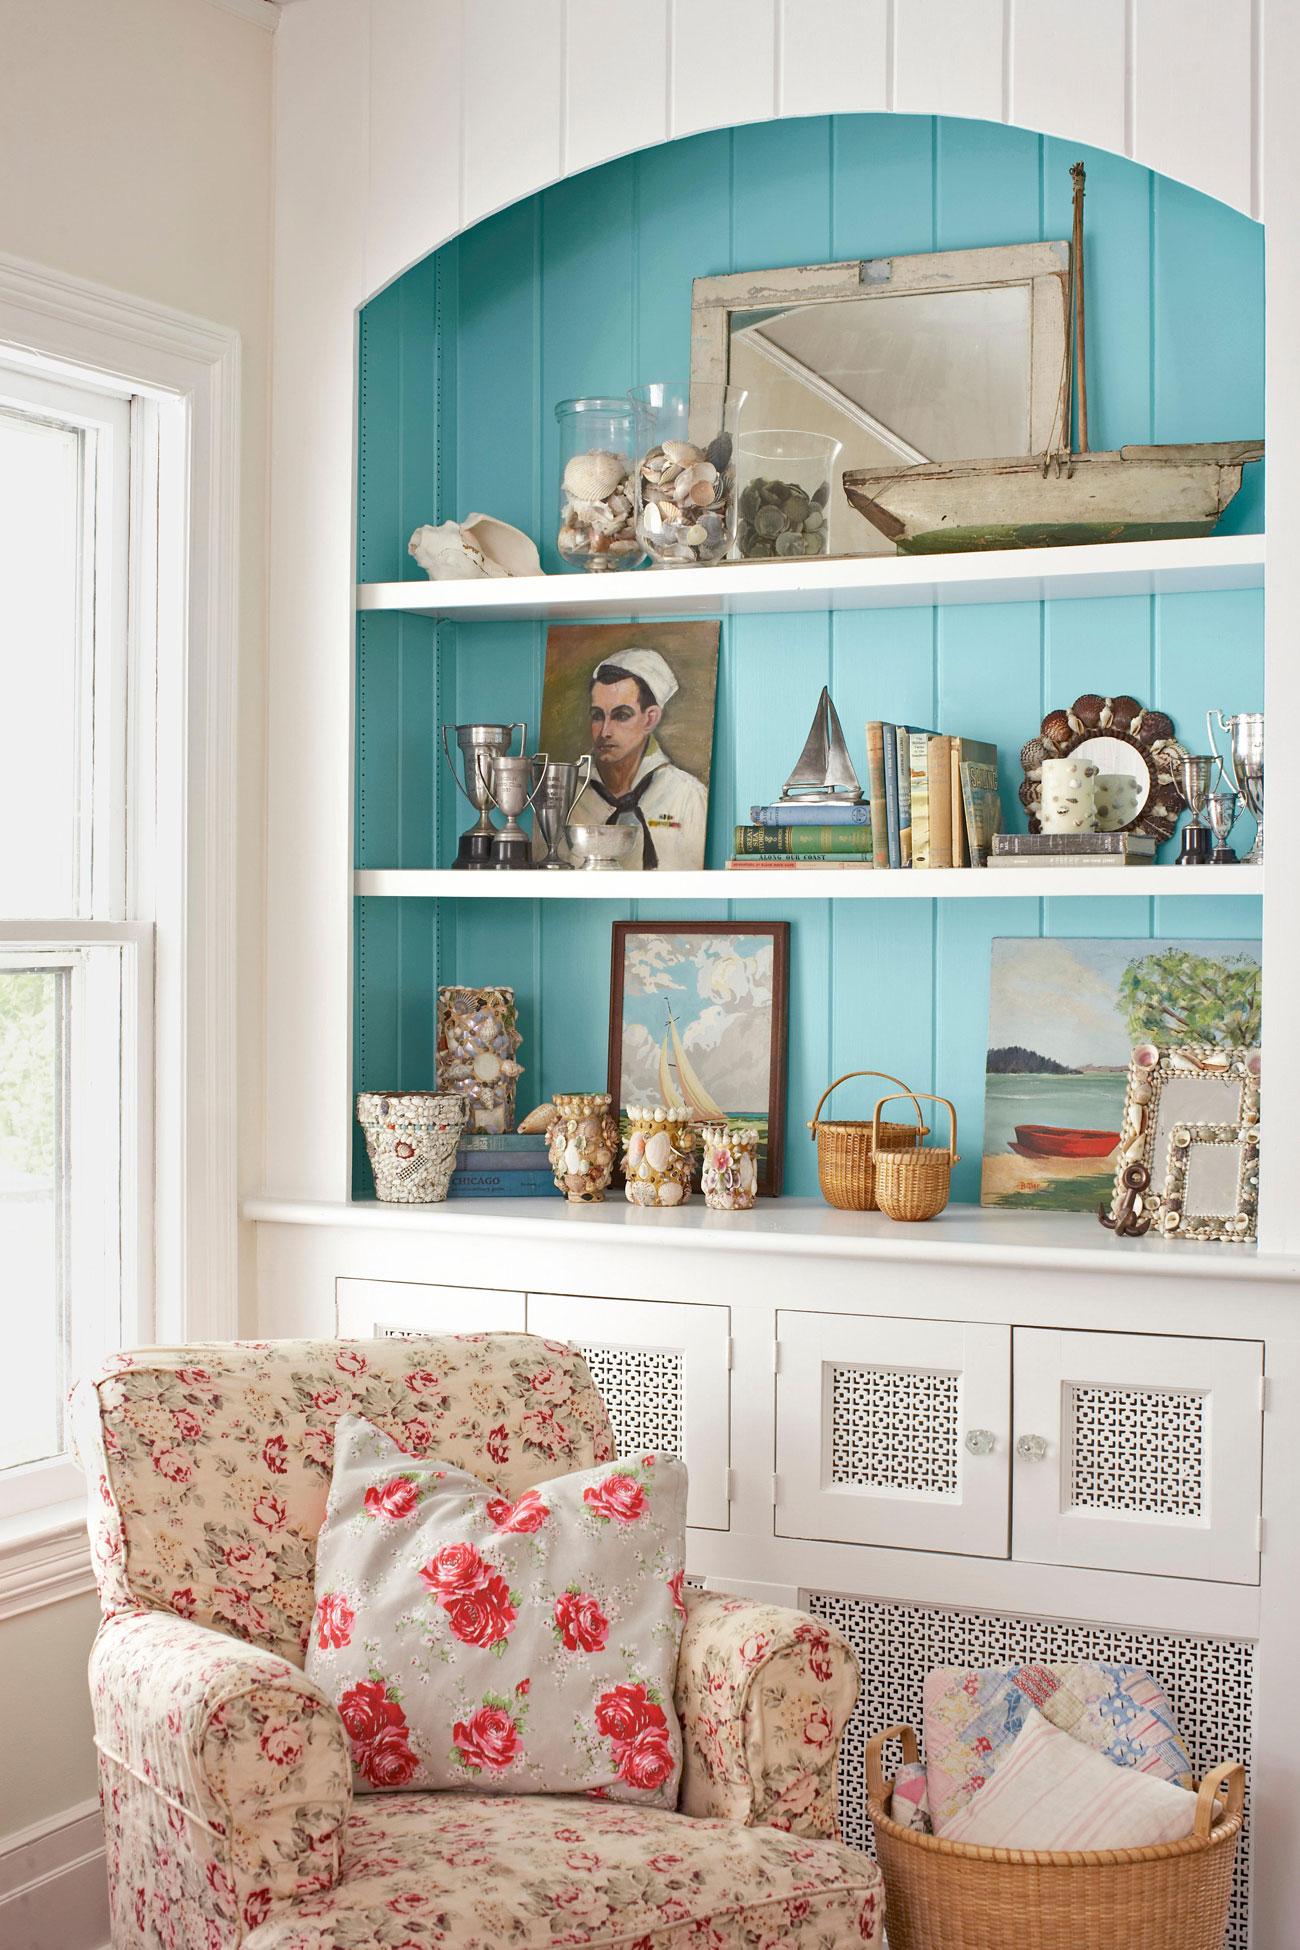 38 Beach House Decorating - Beach Home Decor Ideas